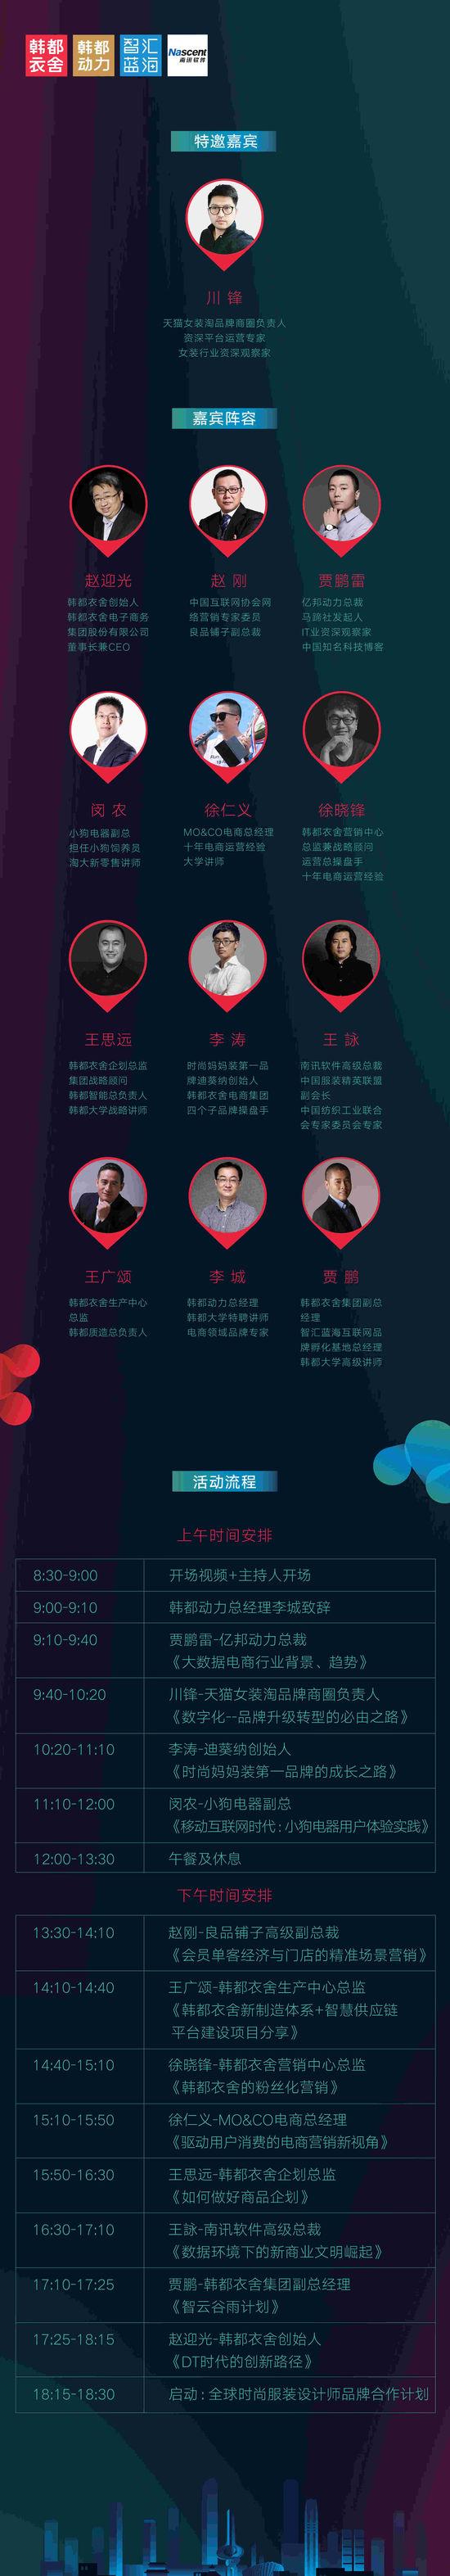 明湖峰会:DT时代的正确打开方式 你造吗?